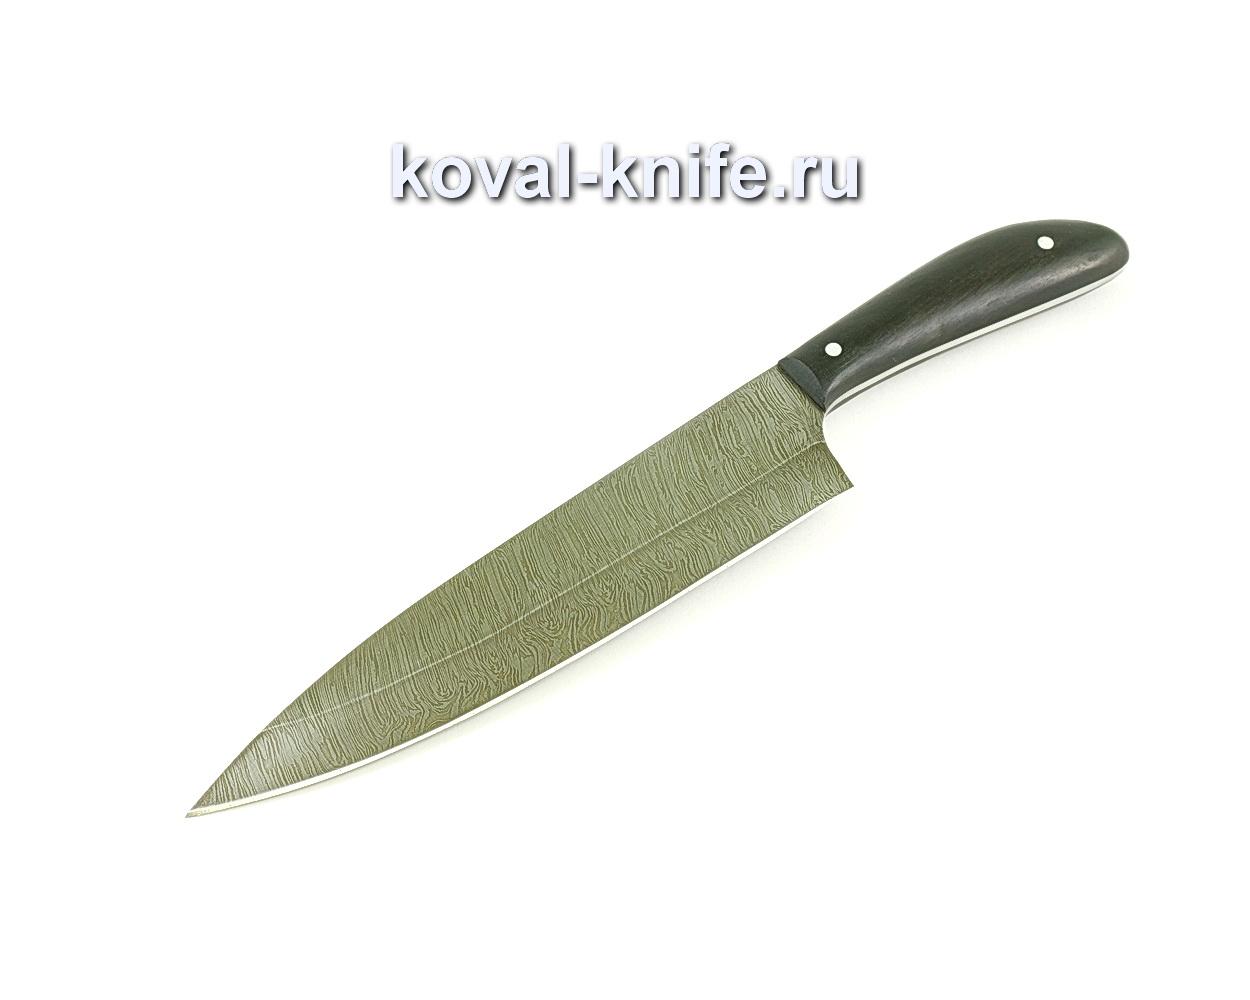 Кухонный большой нож (сталь дамасская), рукоять граб A059